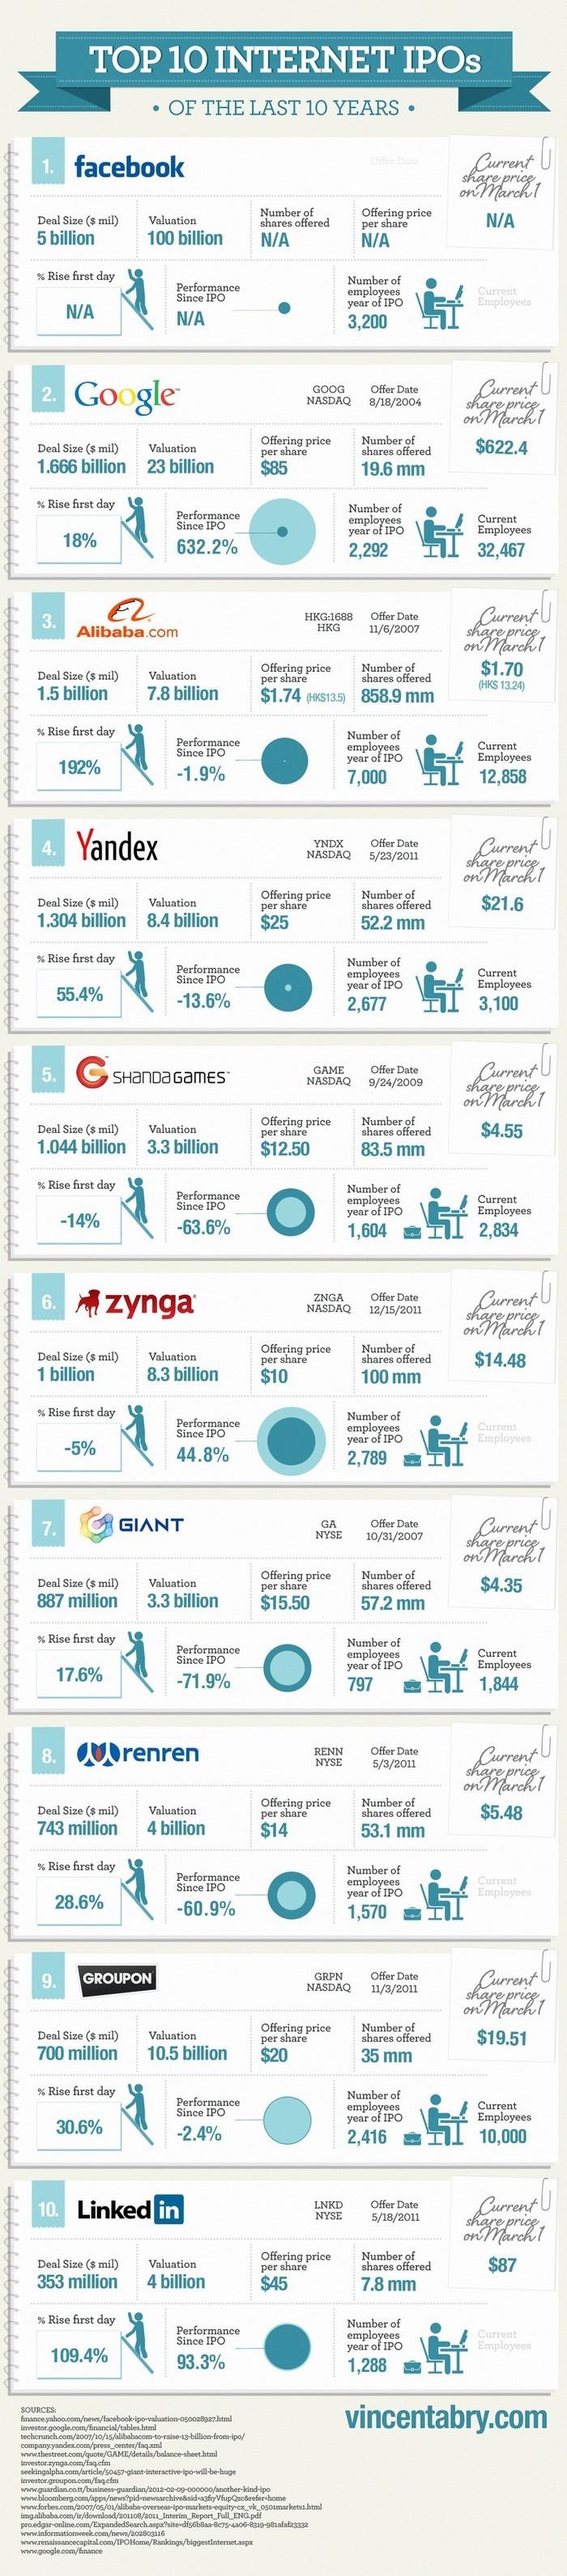 Le top 10 des plus grosses introductions en bourse de sociétés du Web en 1 image